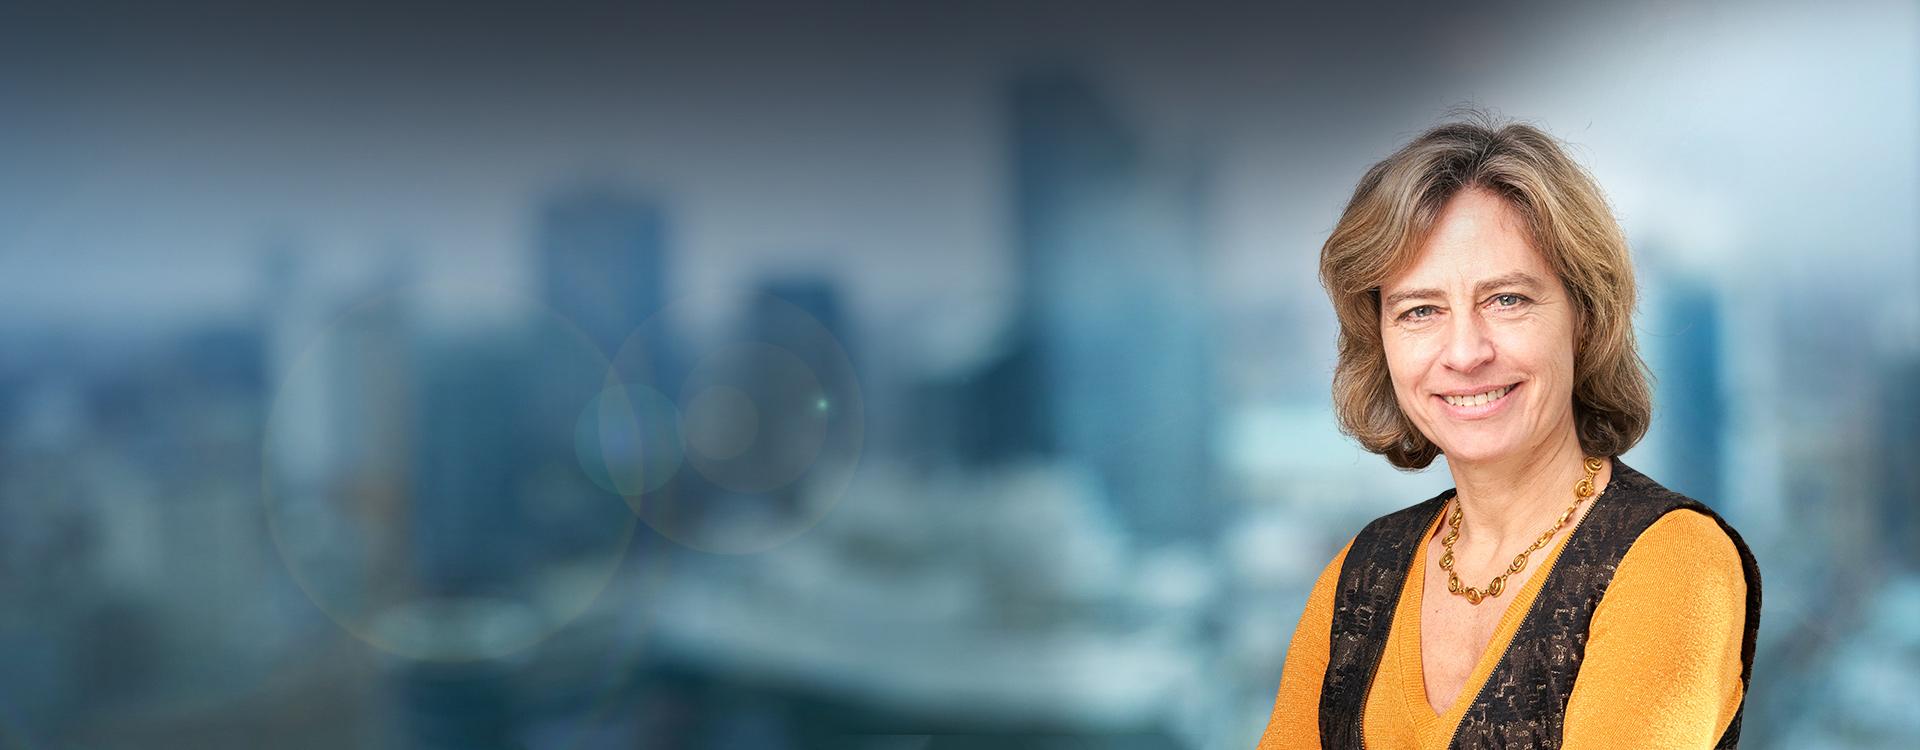 Dominique Leroy: CEO of Proximus